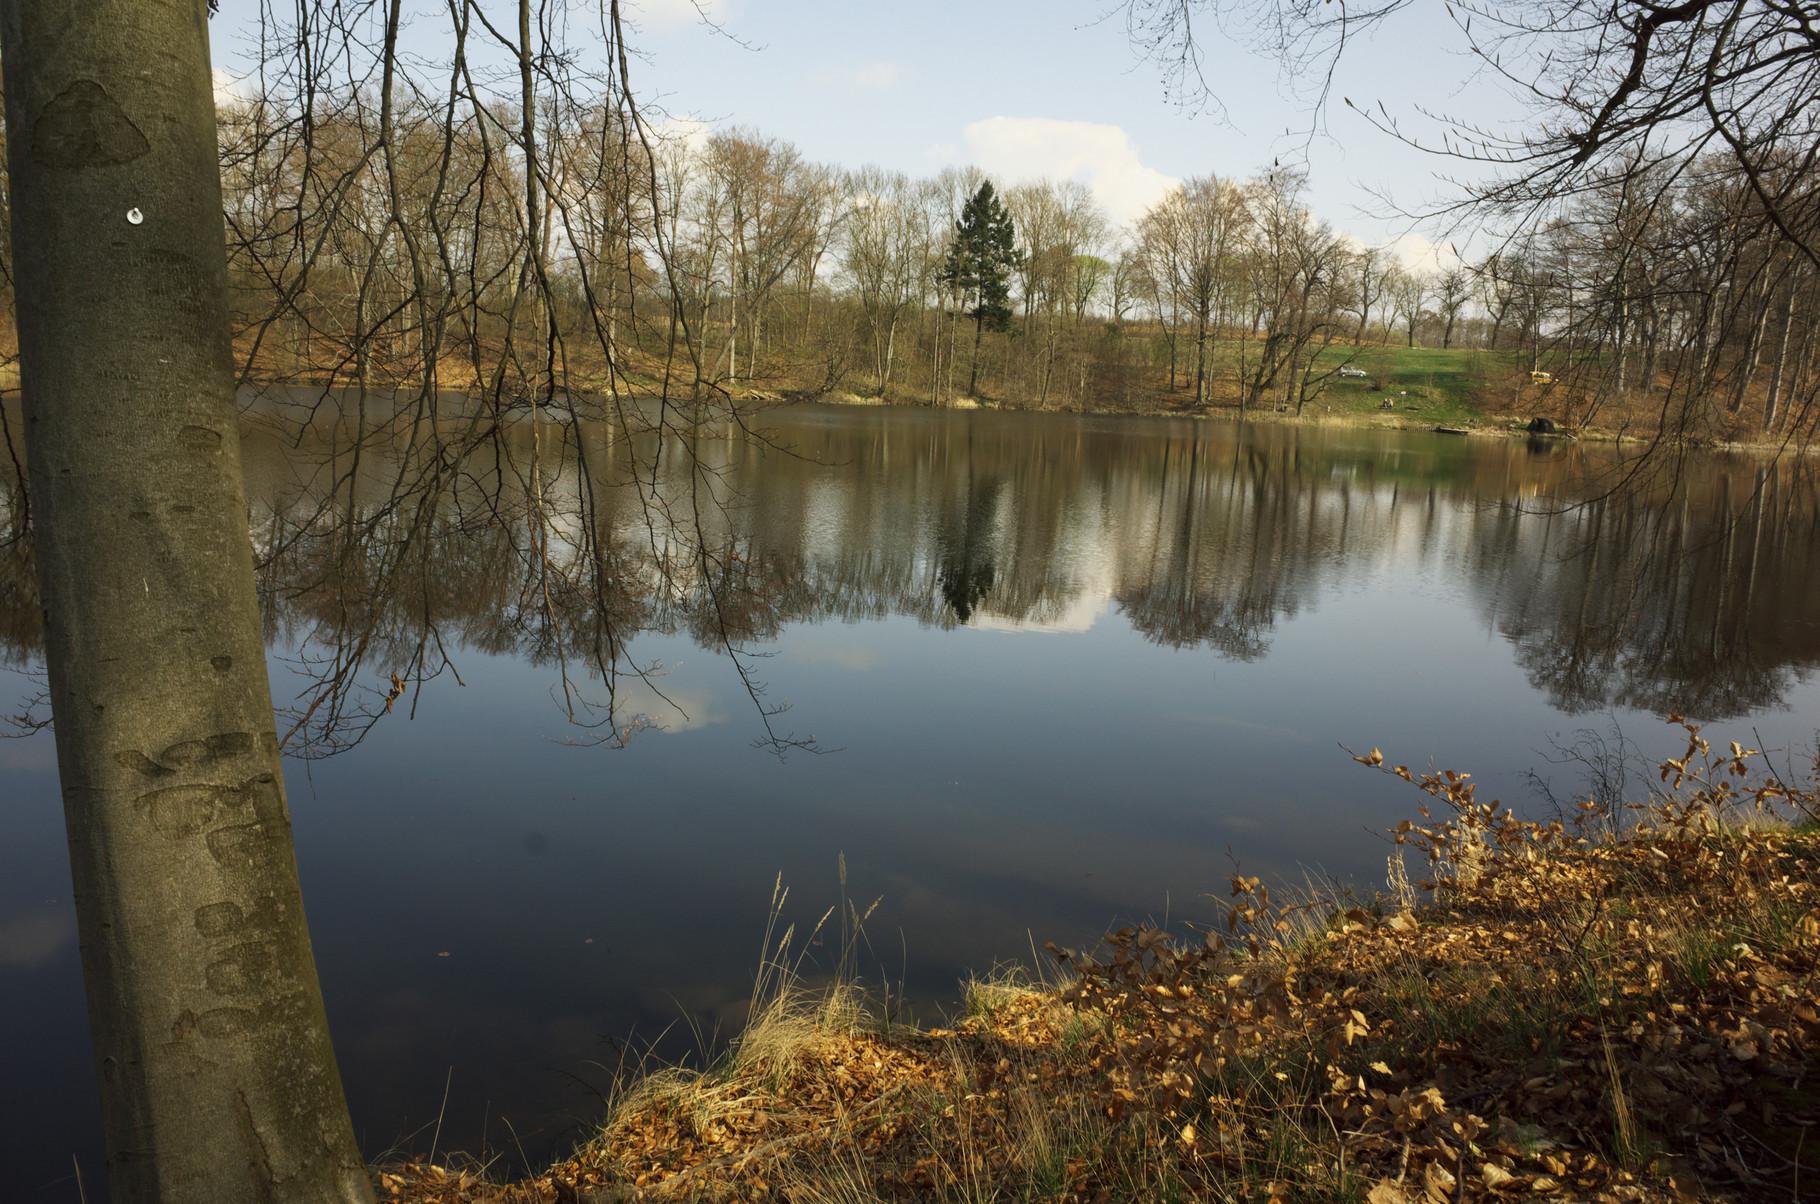 Der Huwenowsee bei Gransee/Uckermark am 09.04.2016